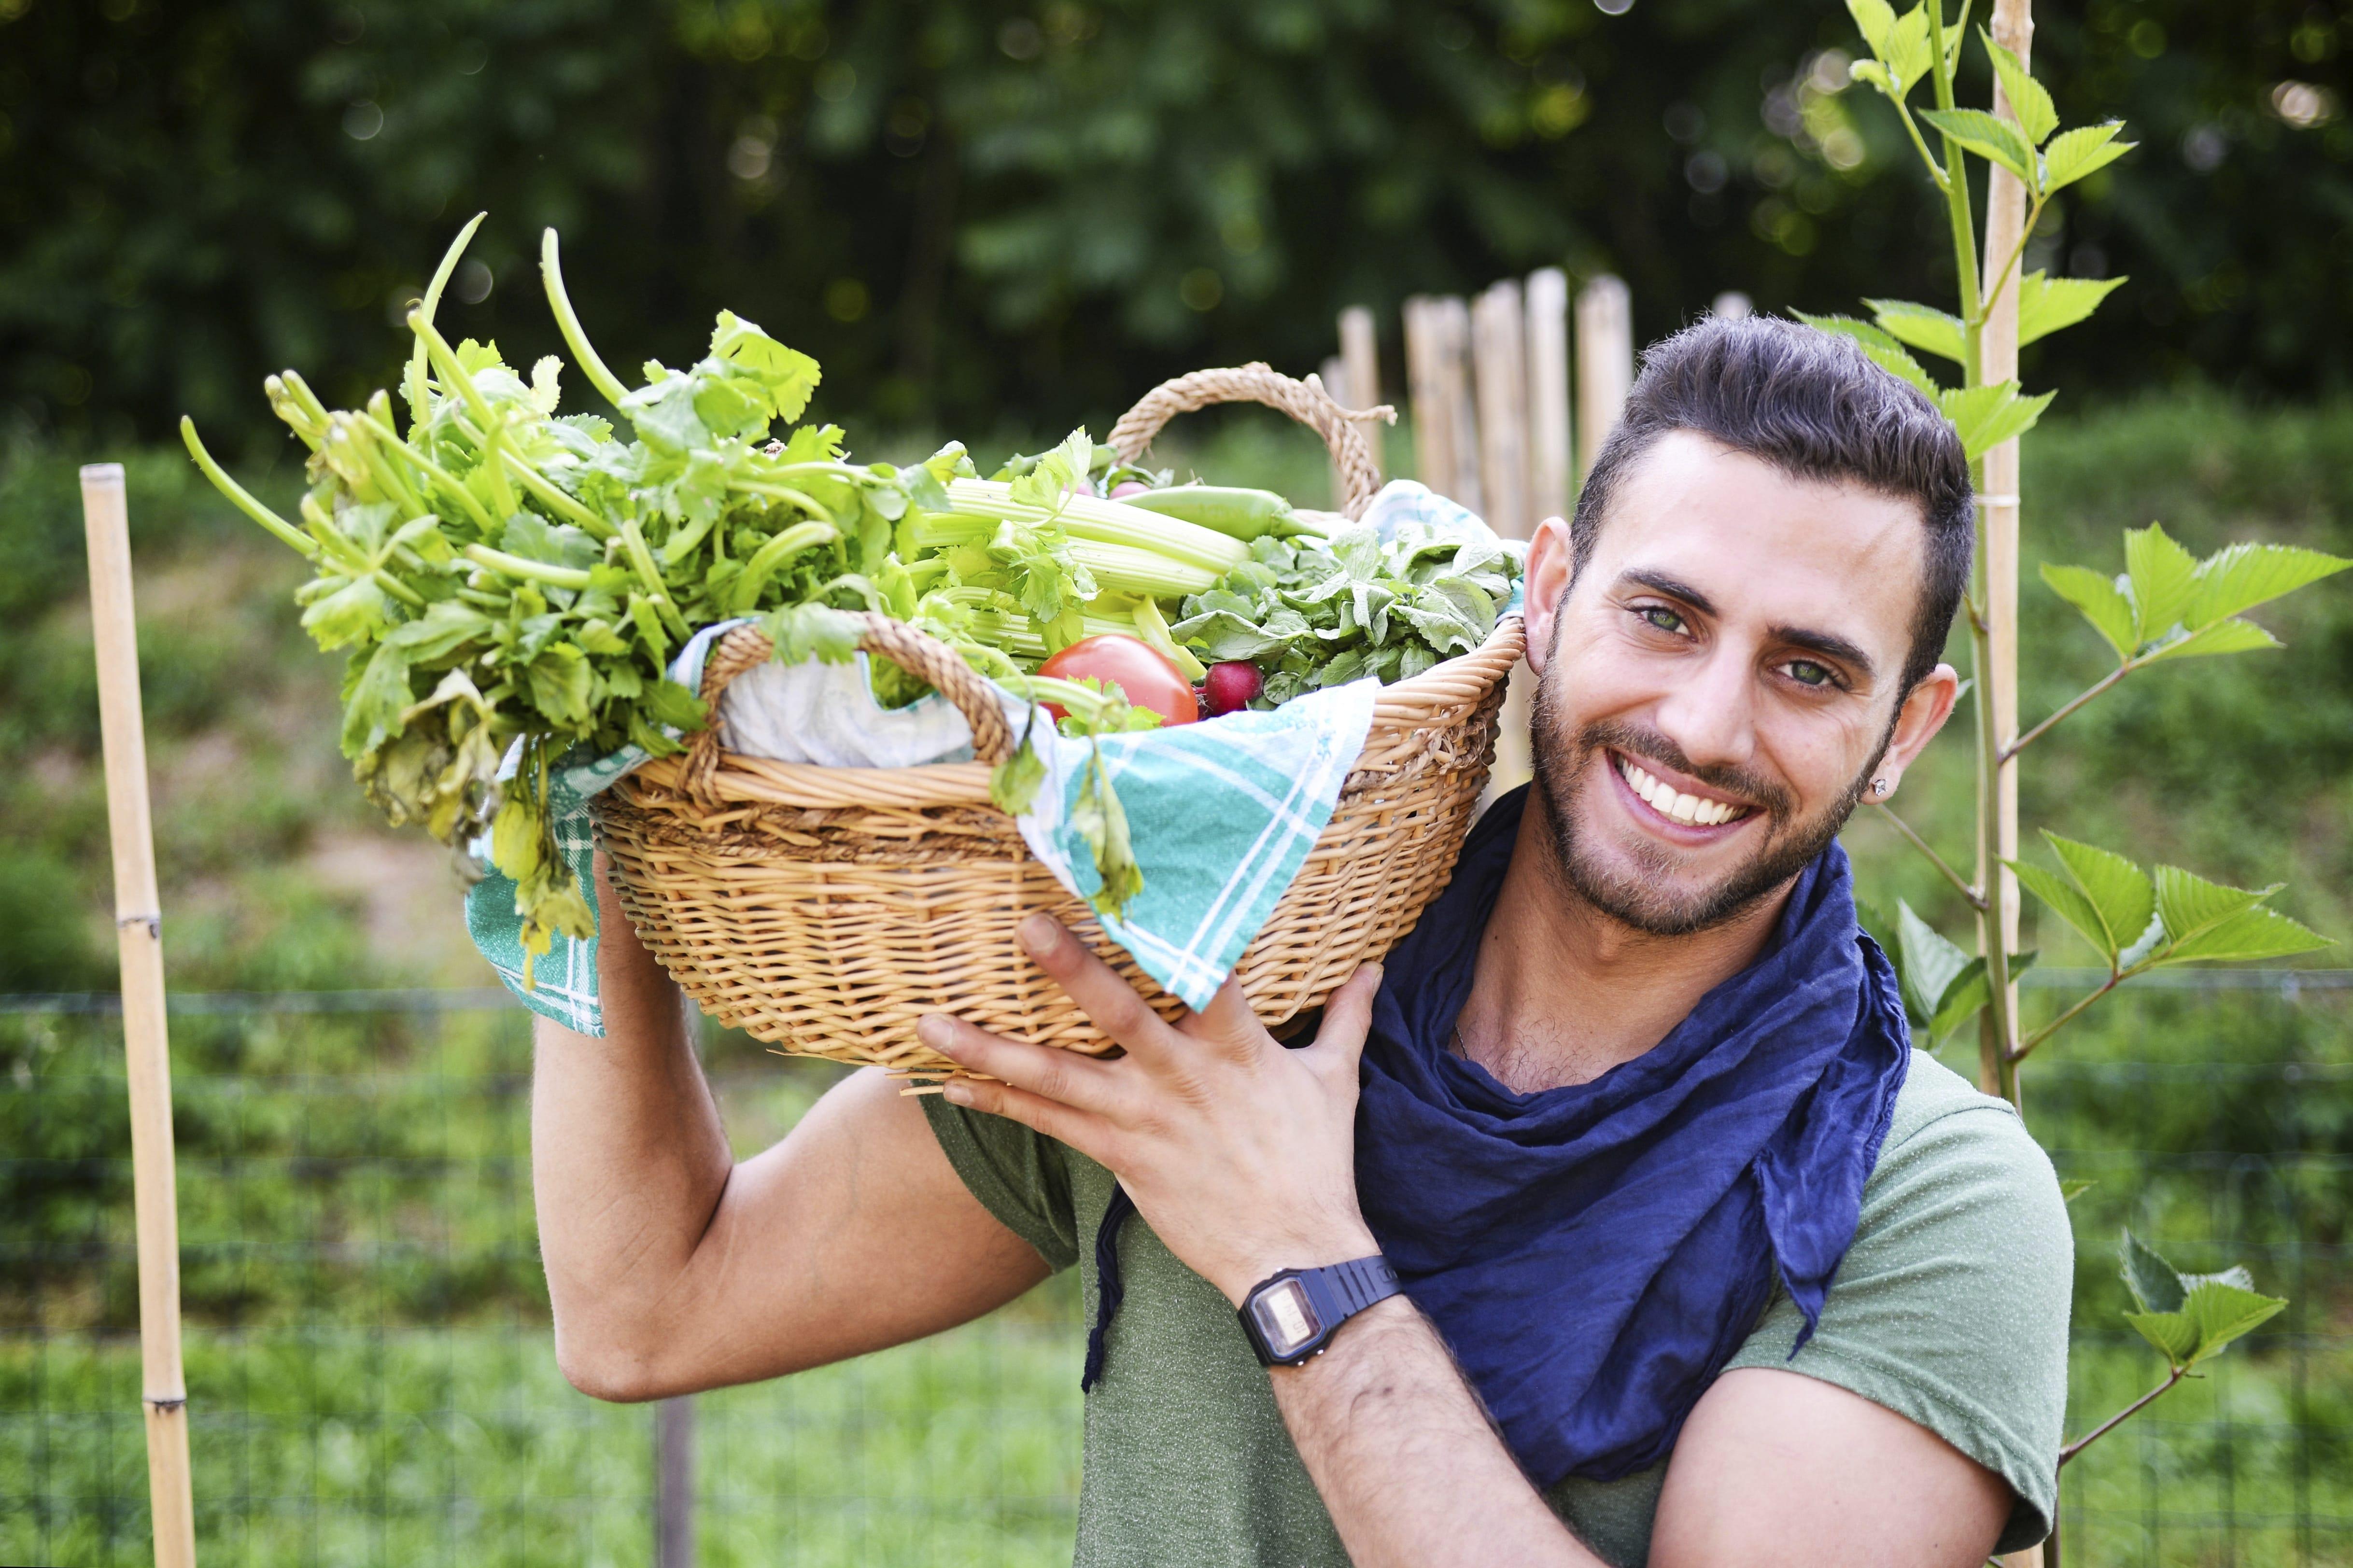 man_in_garden_with_basket